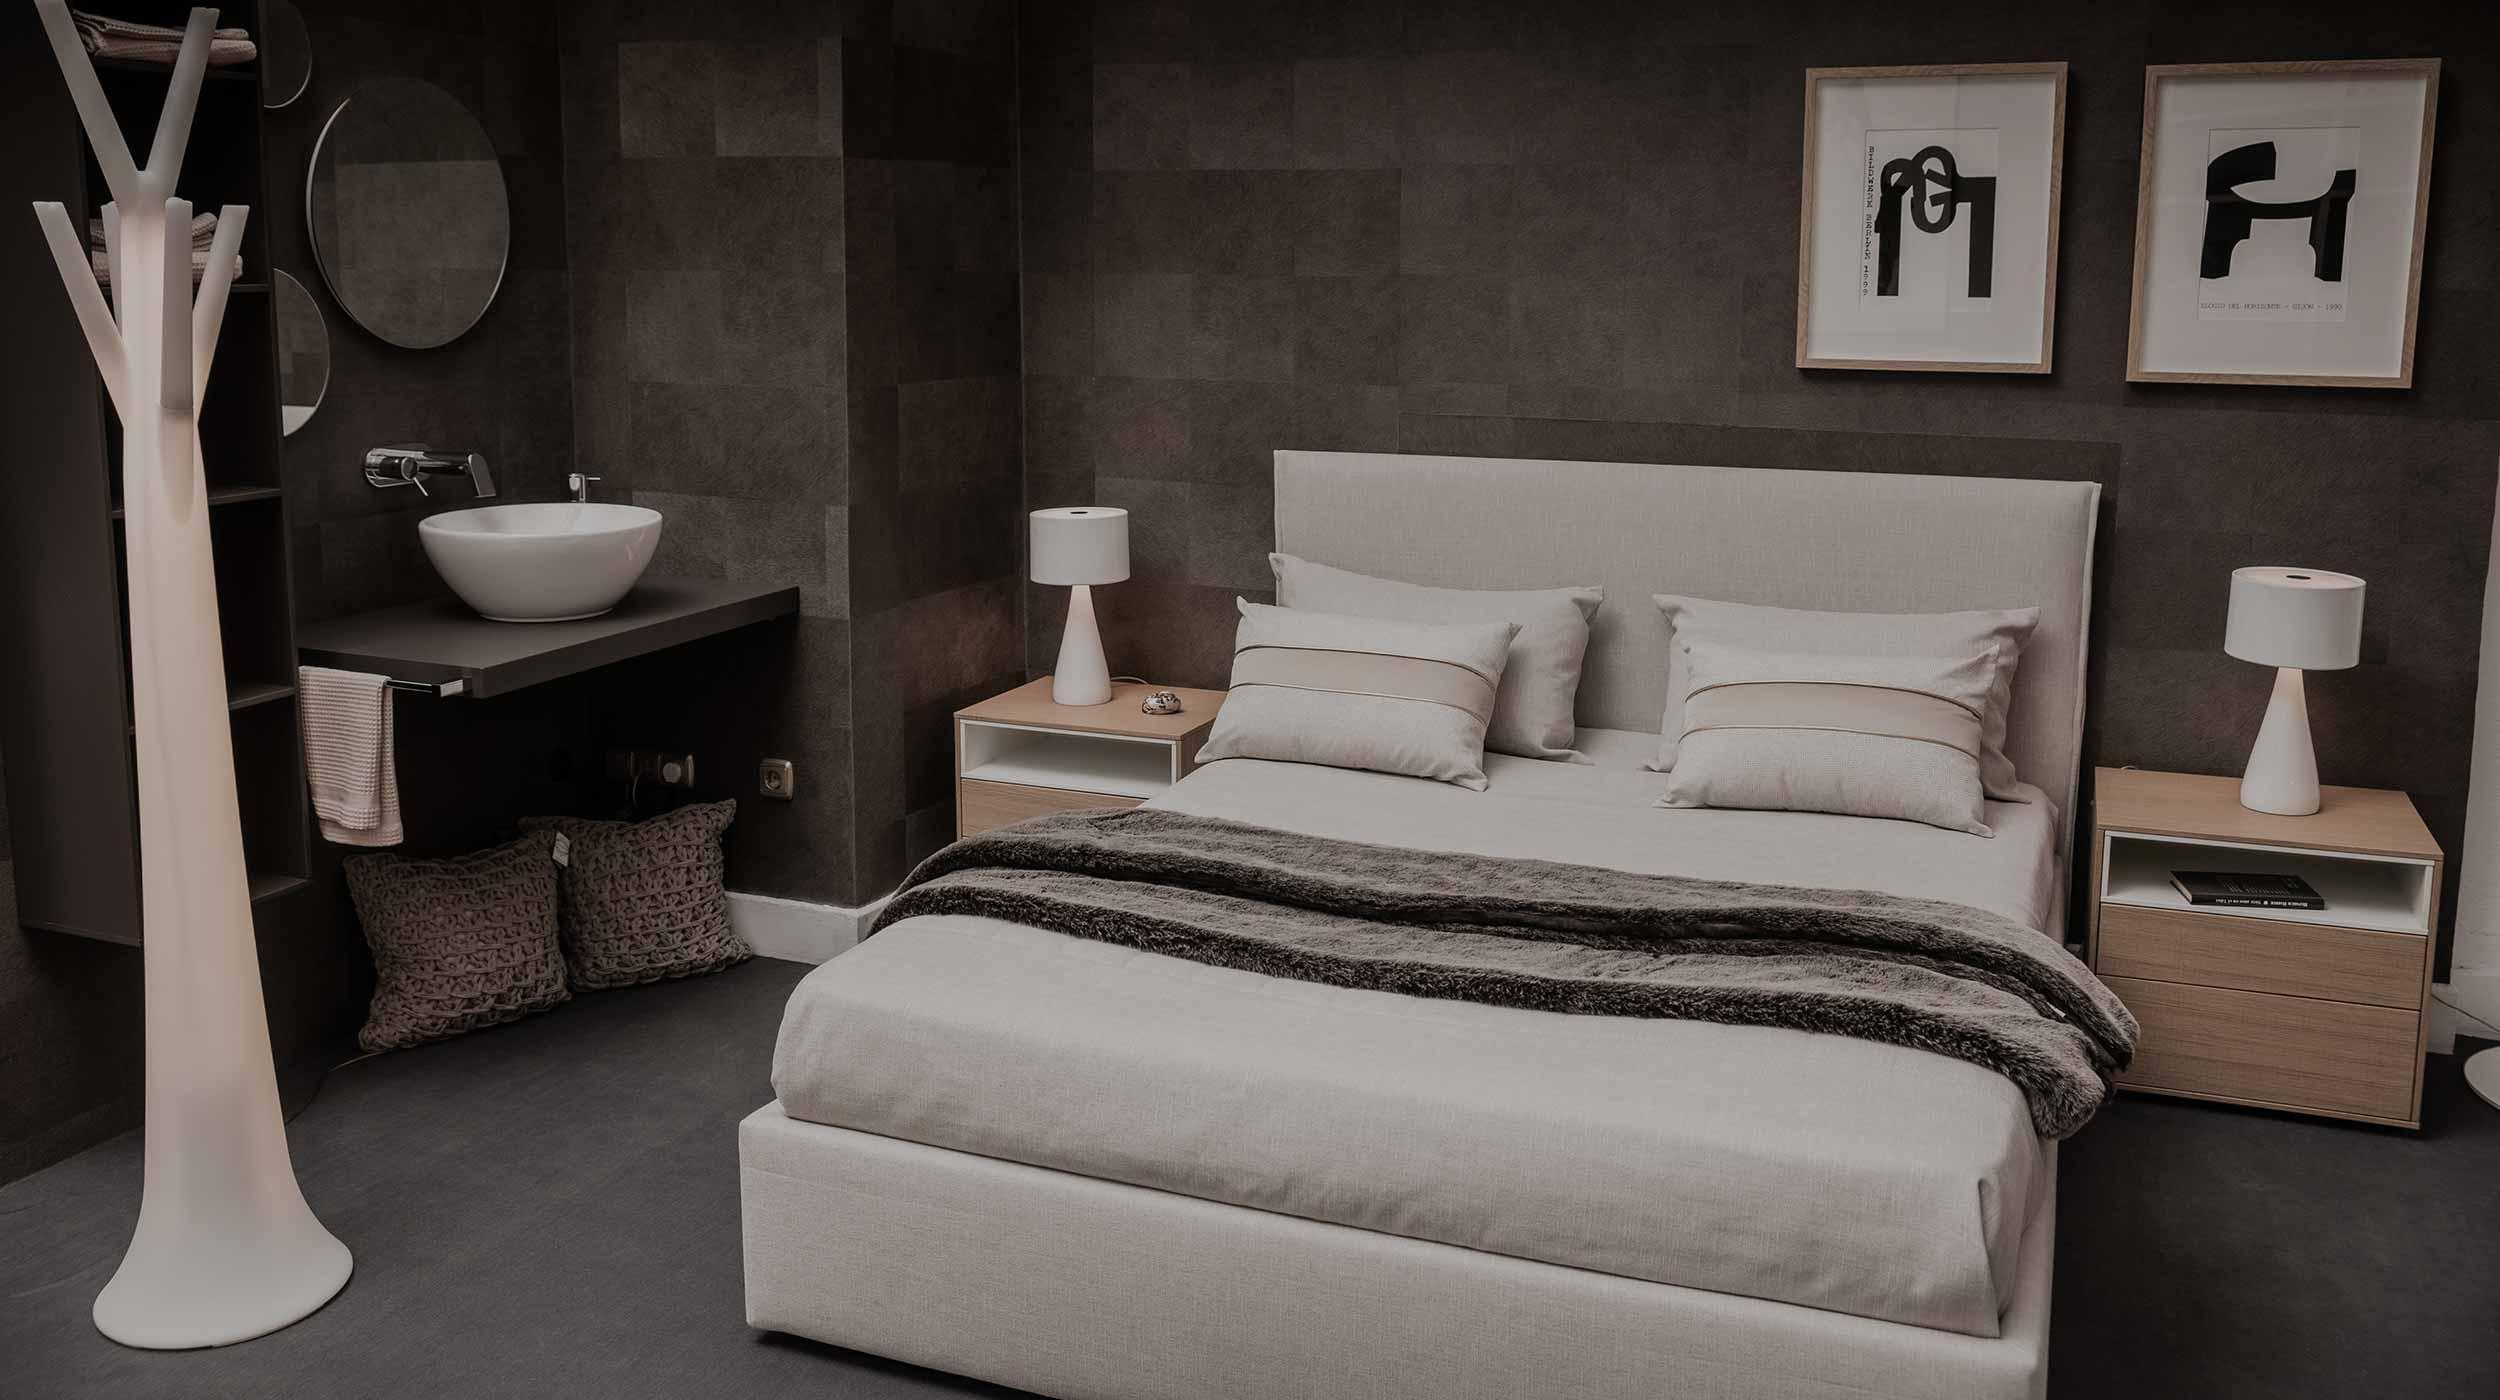 Ados-mobiliario-proyectos-personalizados-tienda-slide7a